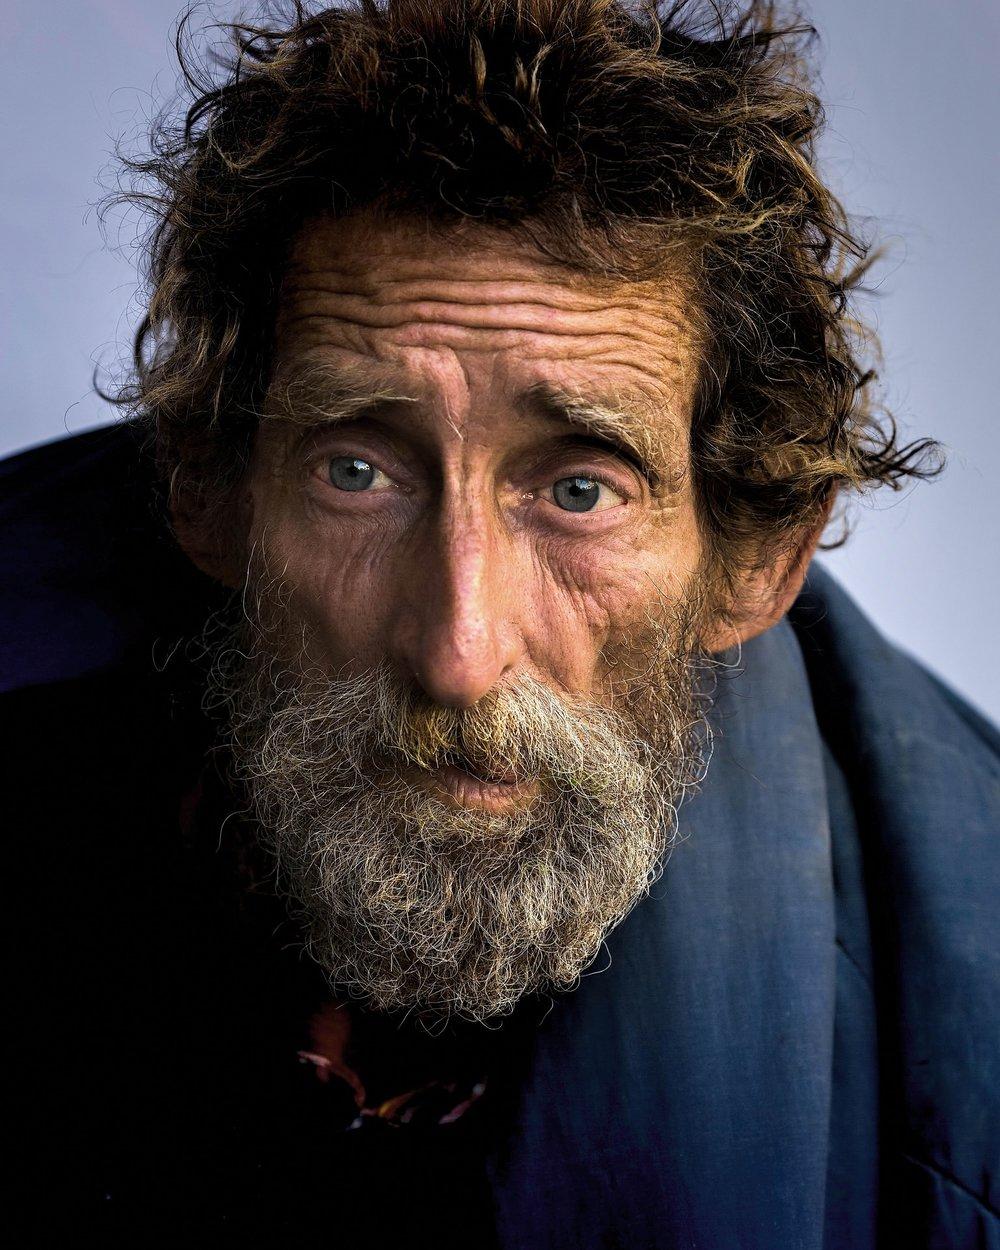 homeless-845709_1920.jpg